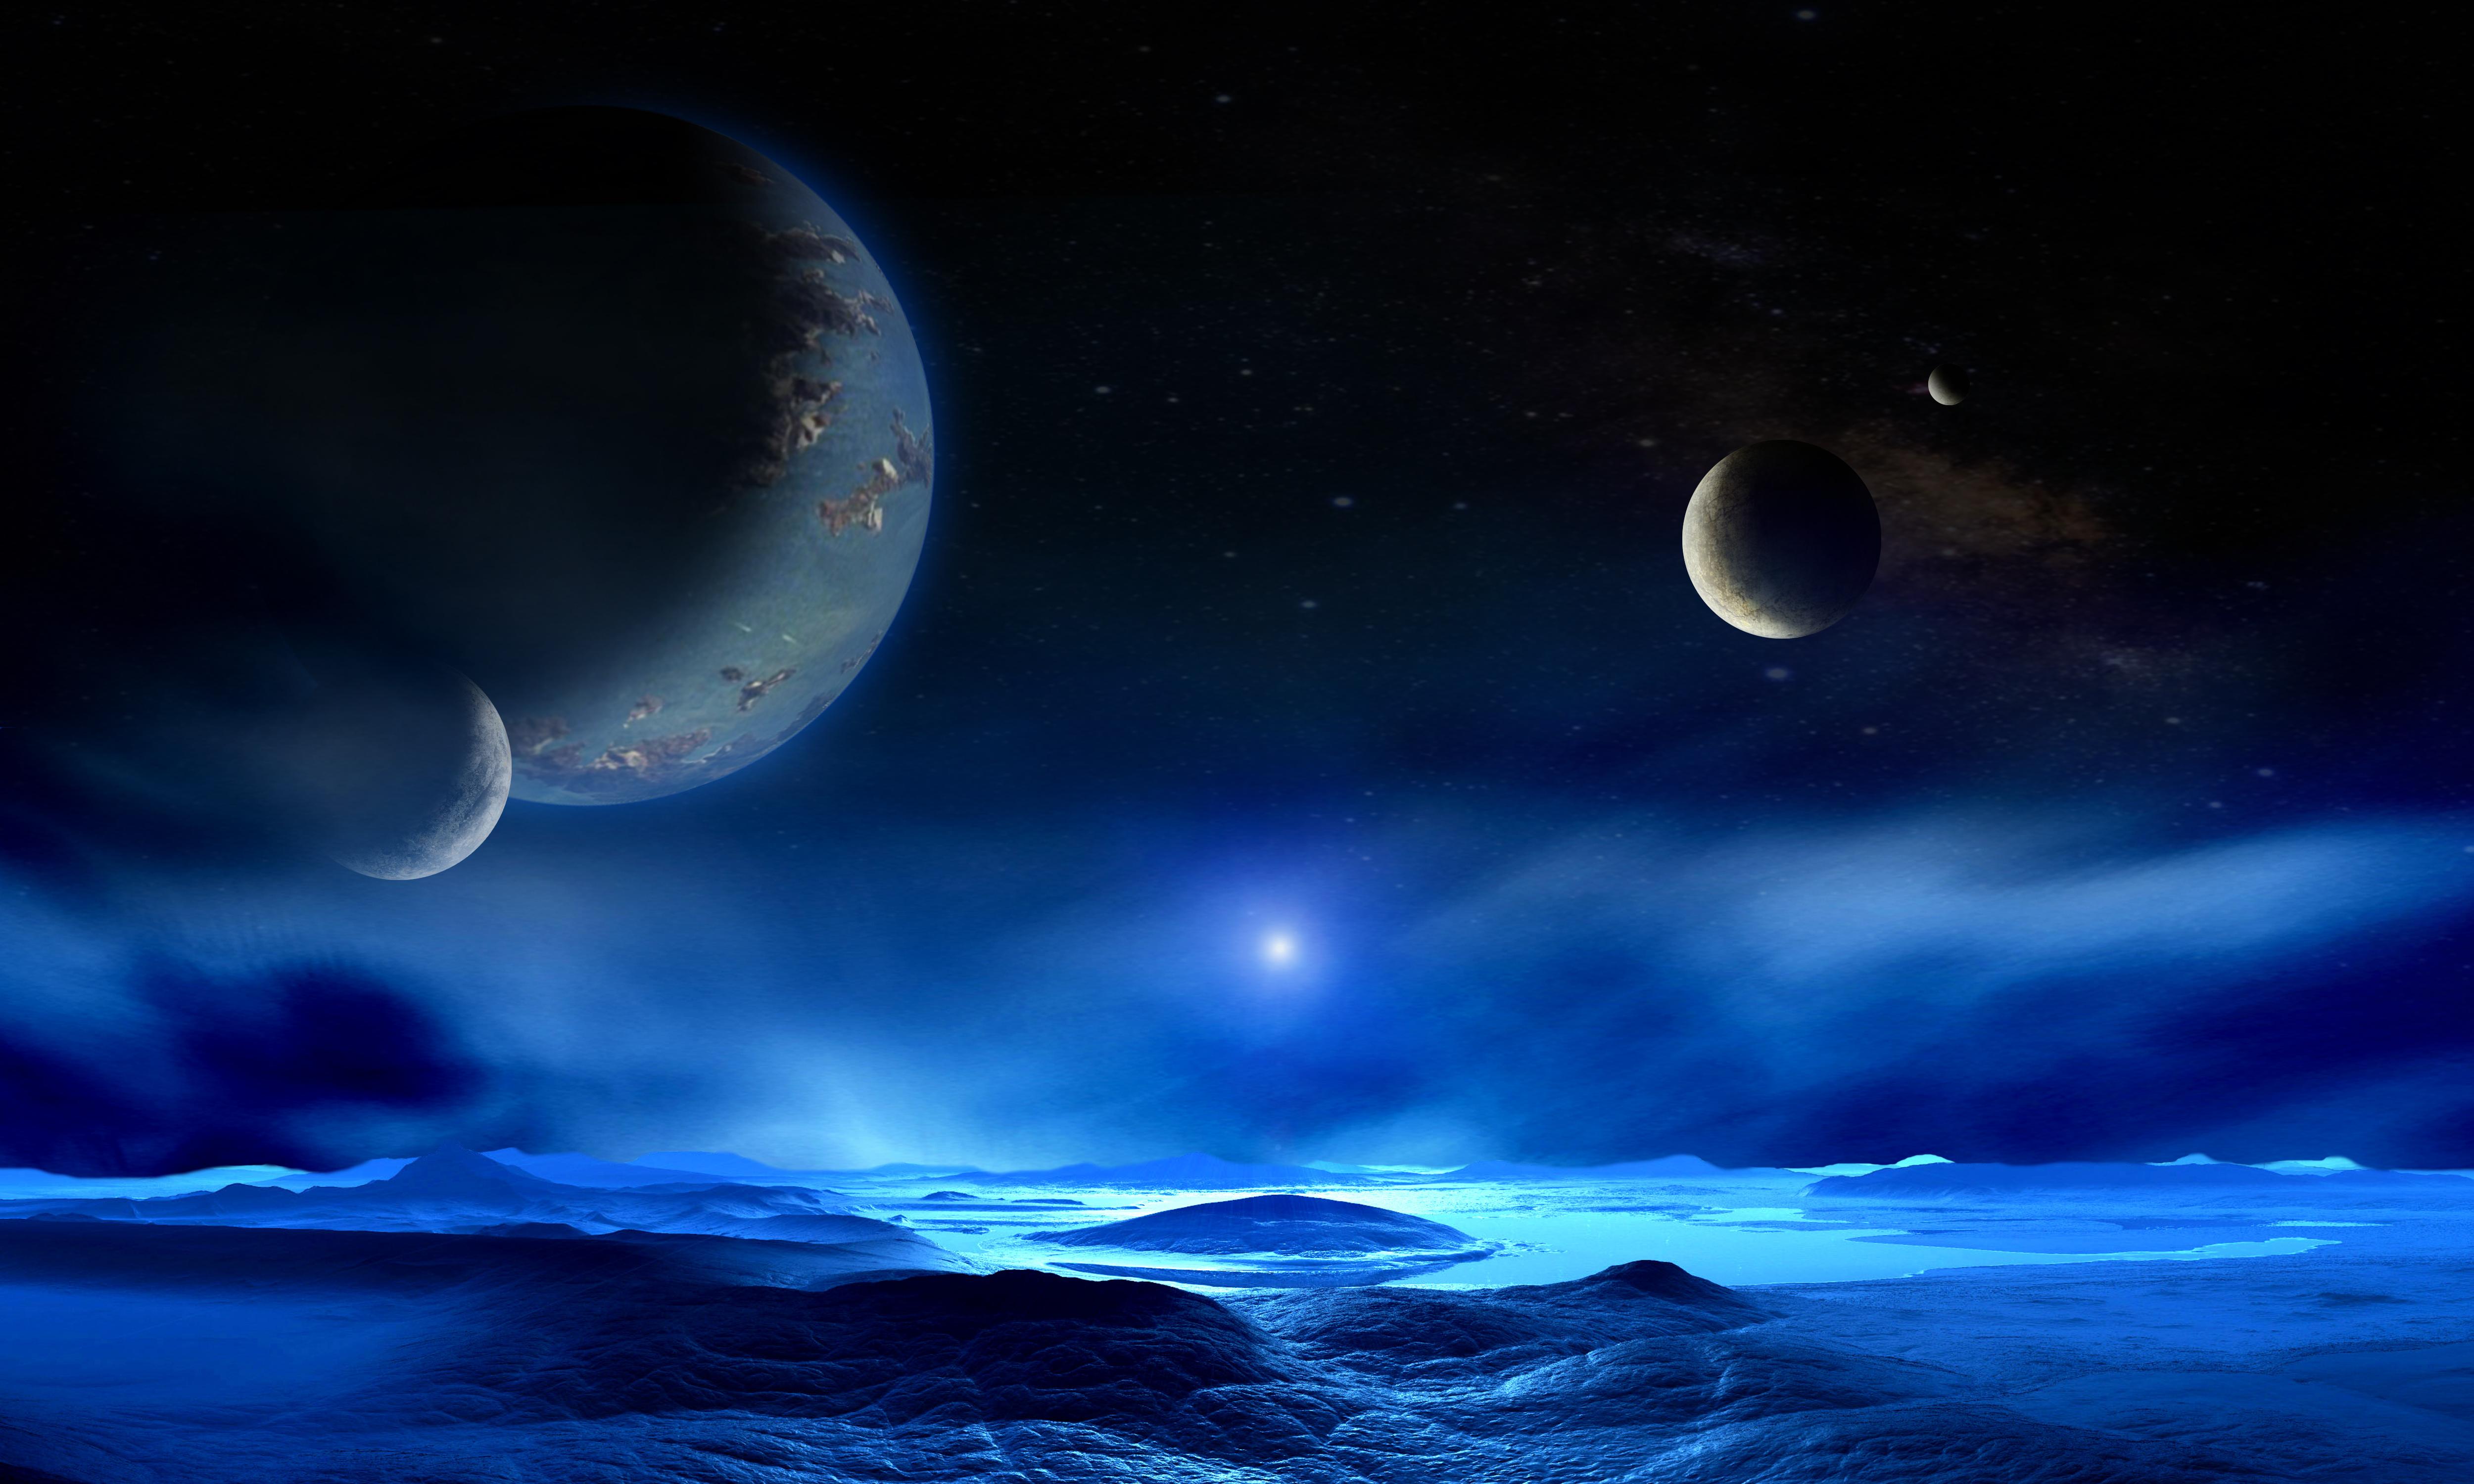 Fonds d'ecran La surface de la planète Étoile Planètes Сosmos 3D Graphiques télécharger photo